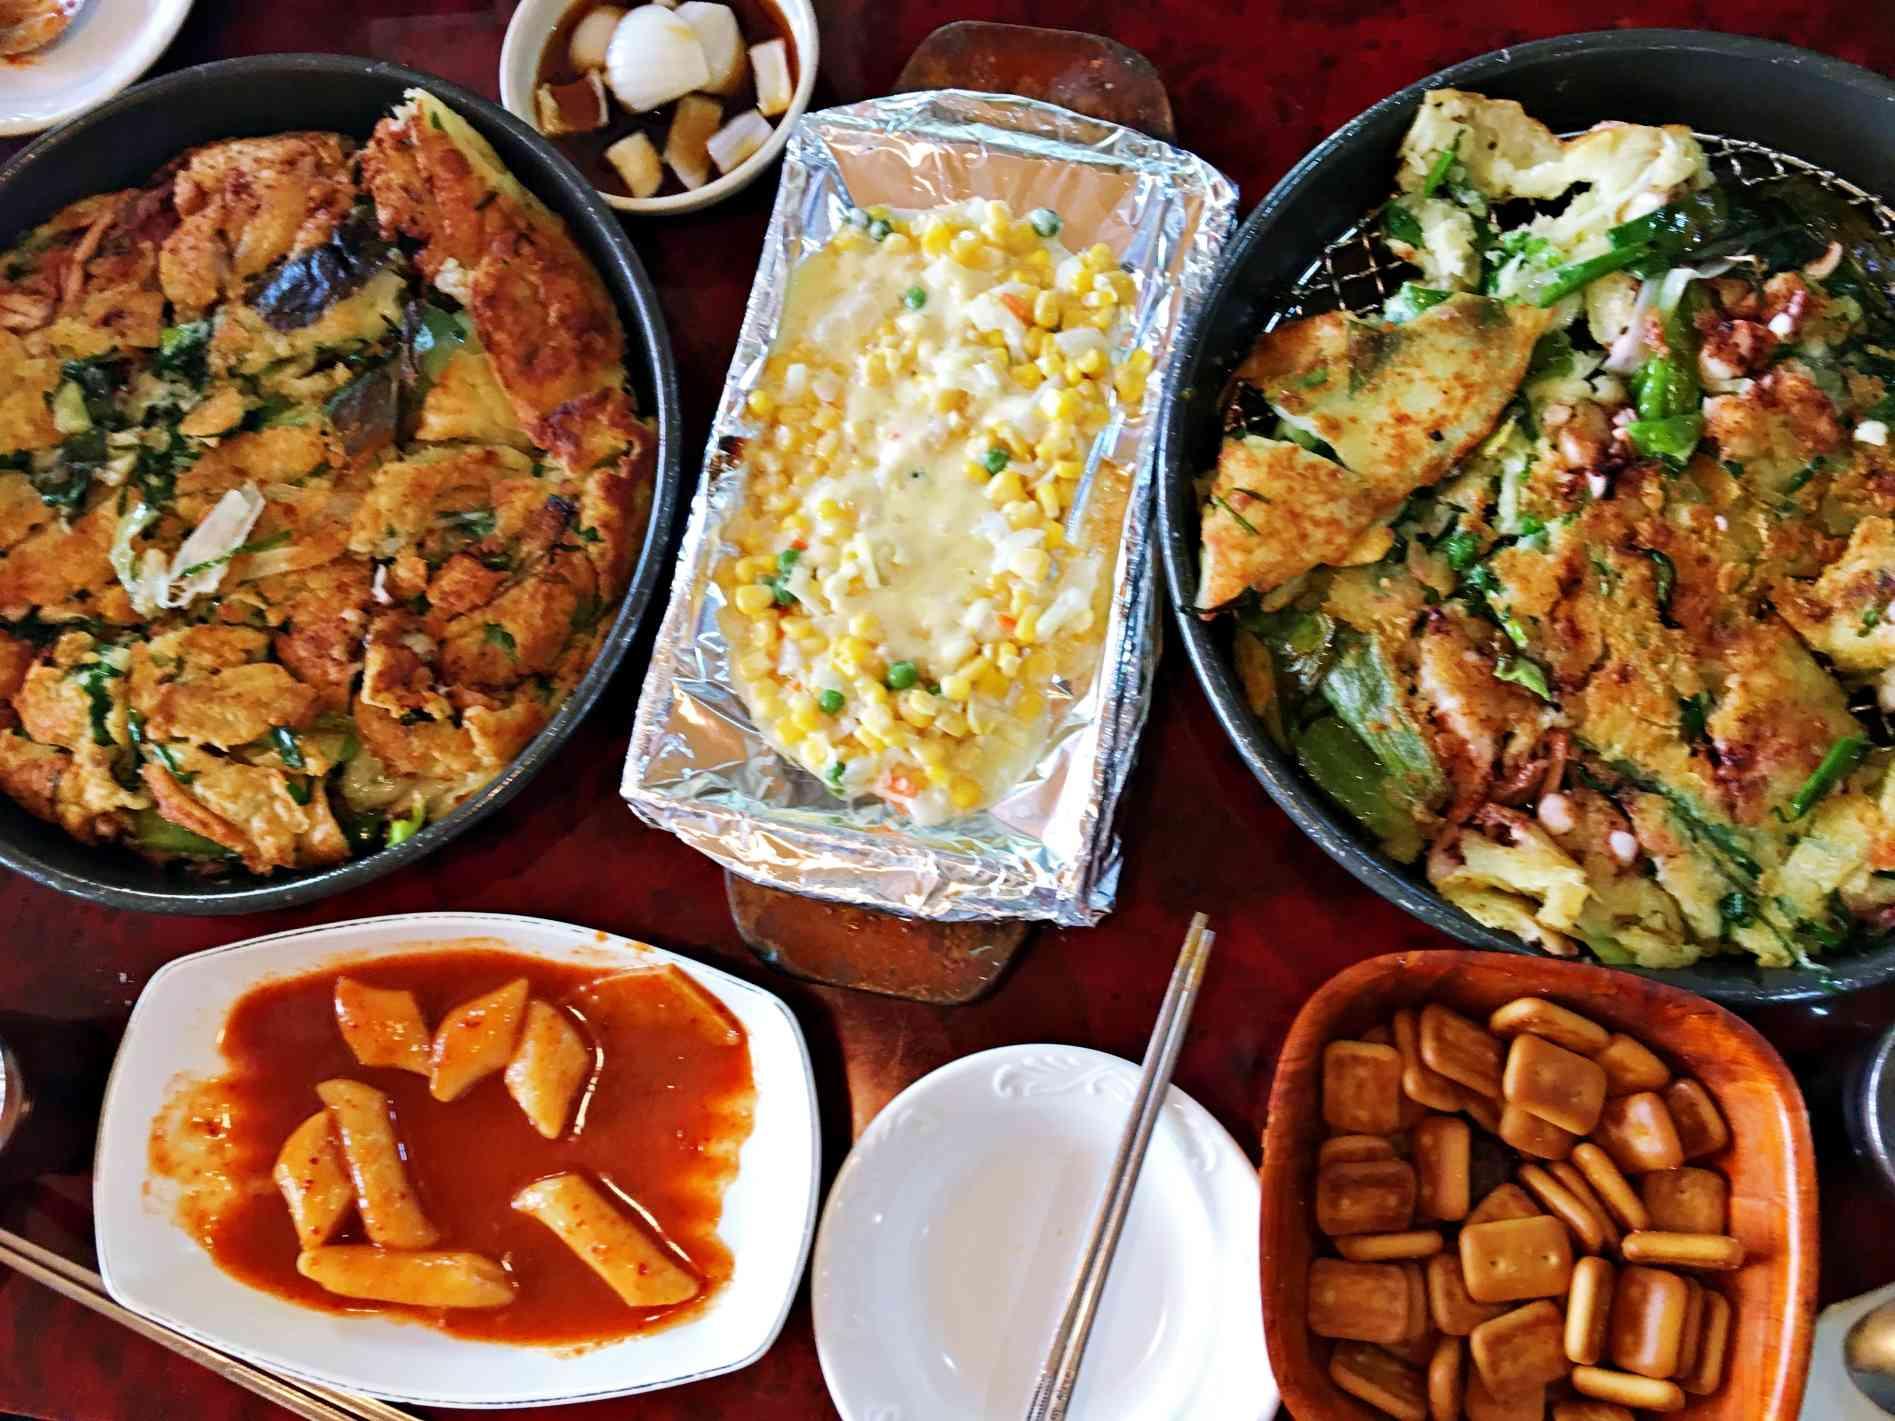 每份套餐約適合2~3人,但是他們家煎餅真的是讓小編阿姆啊姆吃不停,又追加了一個。